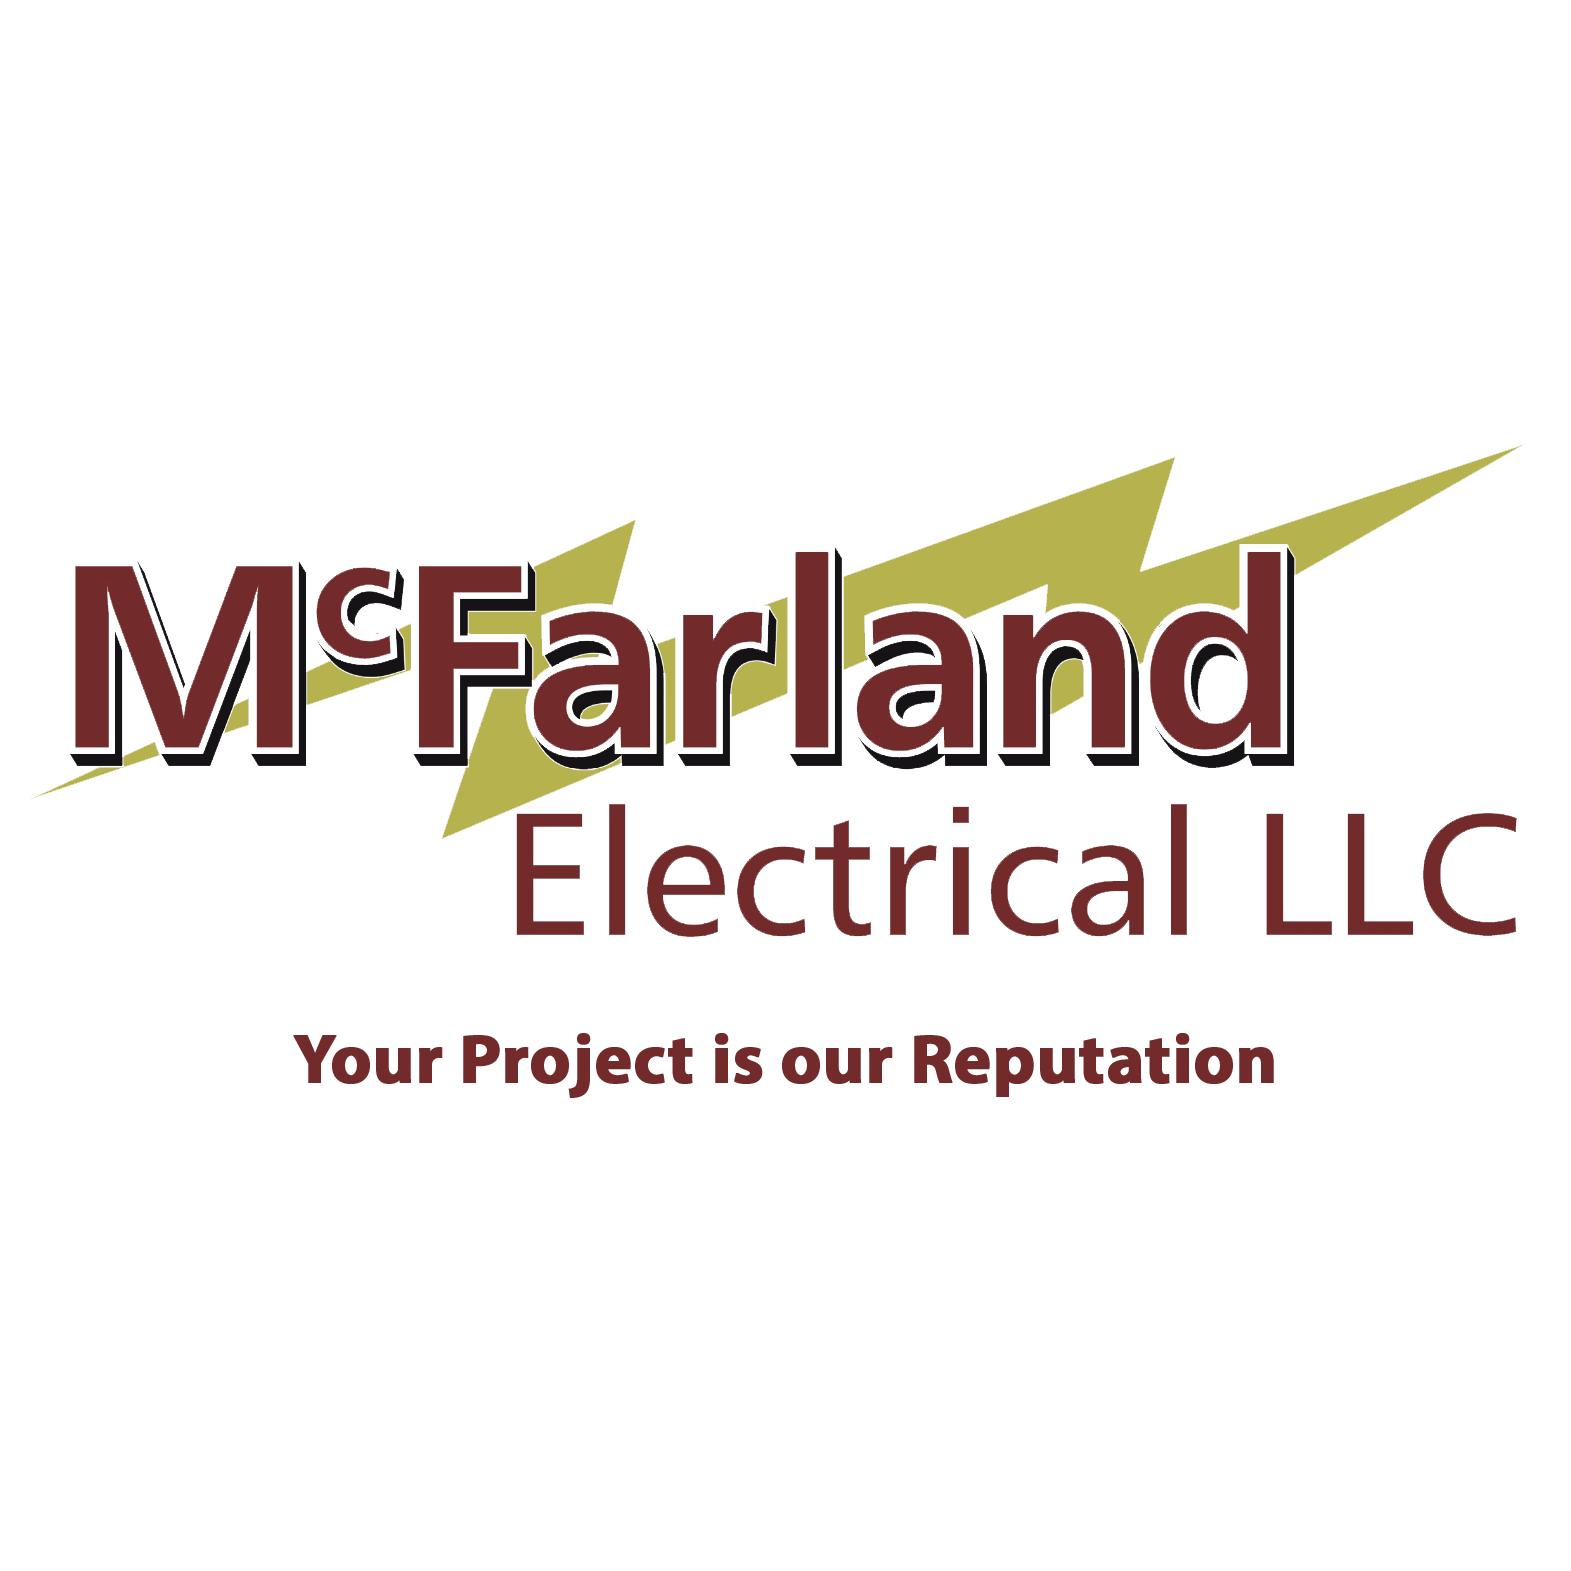 McFarland Electrical LLC